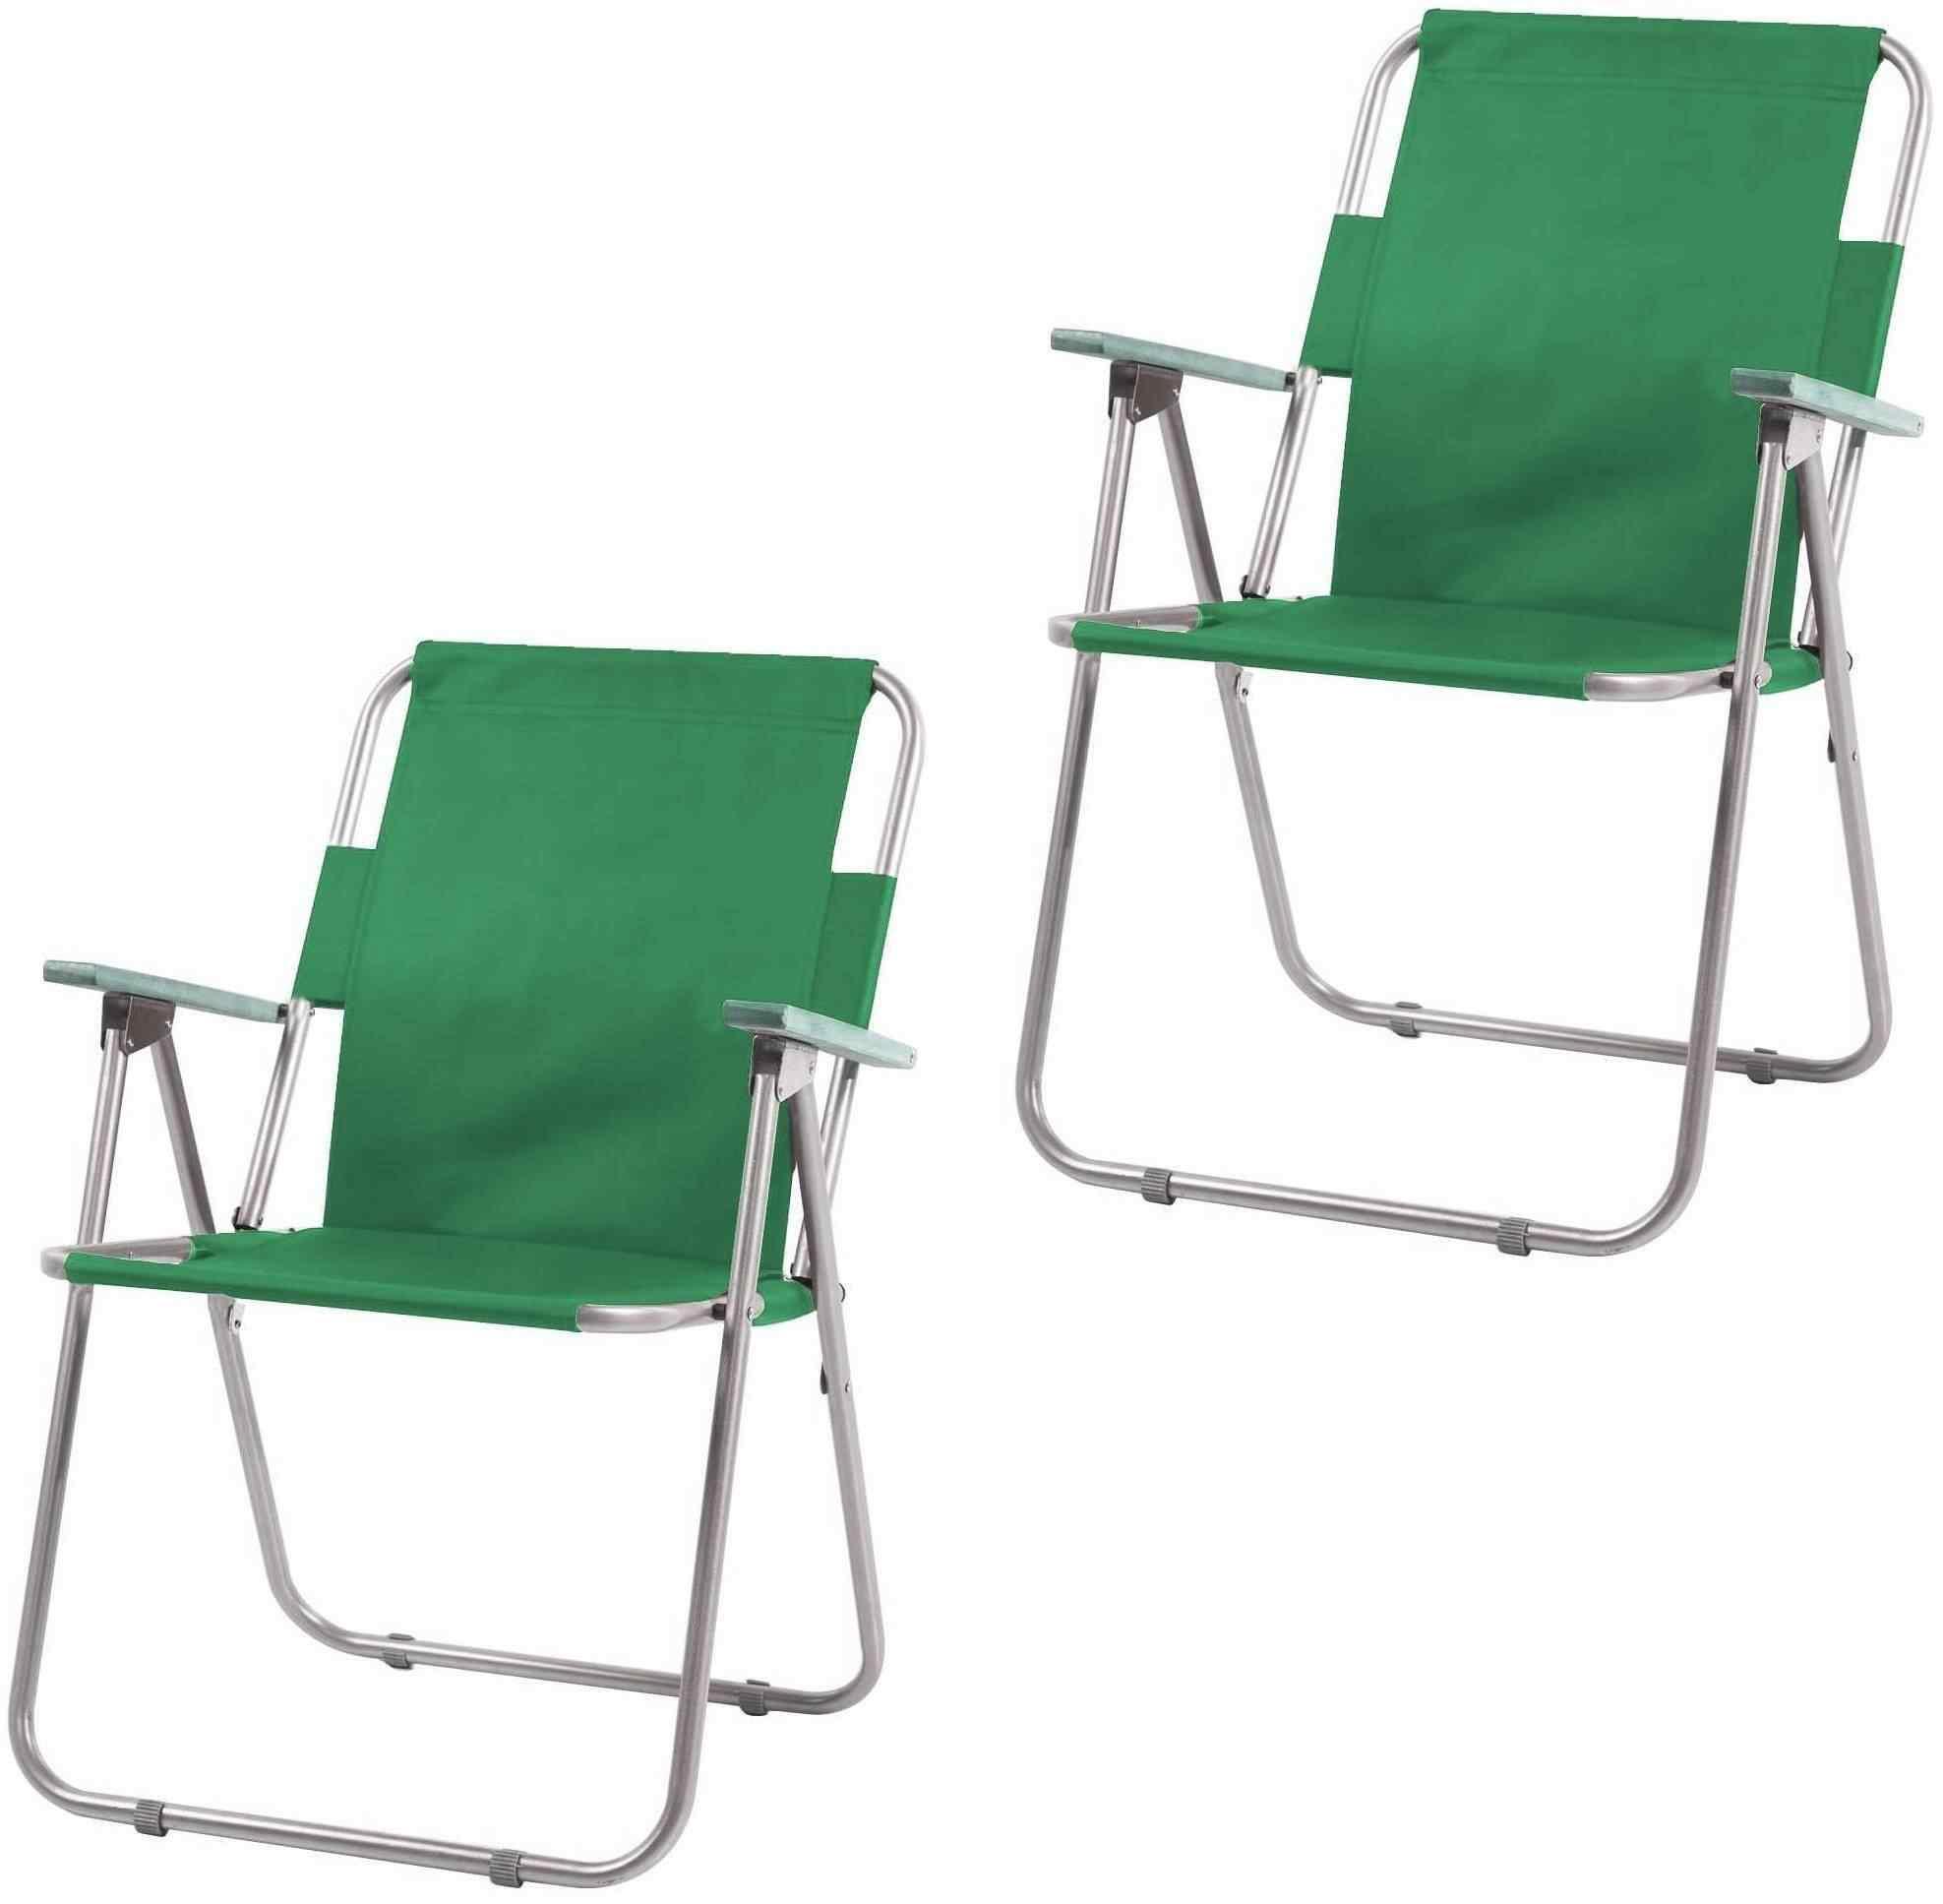 İbiza Katlanır Piknik Sandalyesi Plaj Kamp Sandalye Yeşil 2 Adet